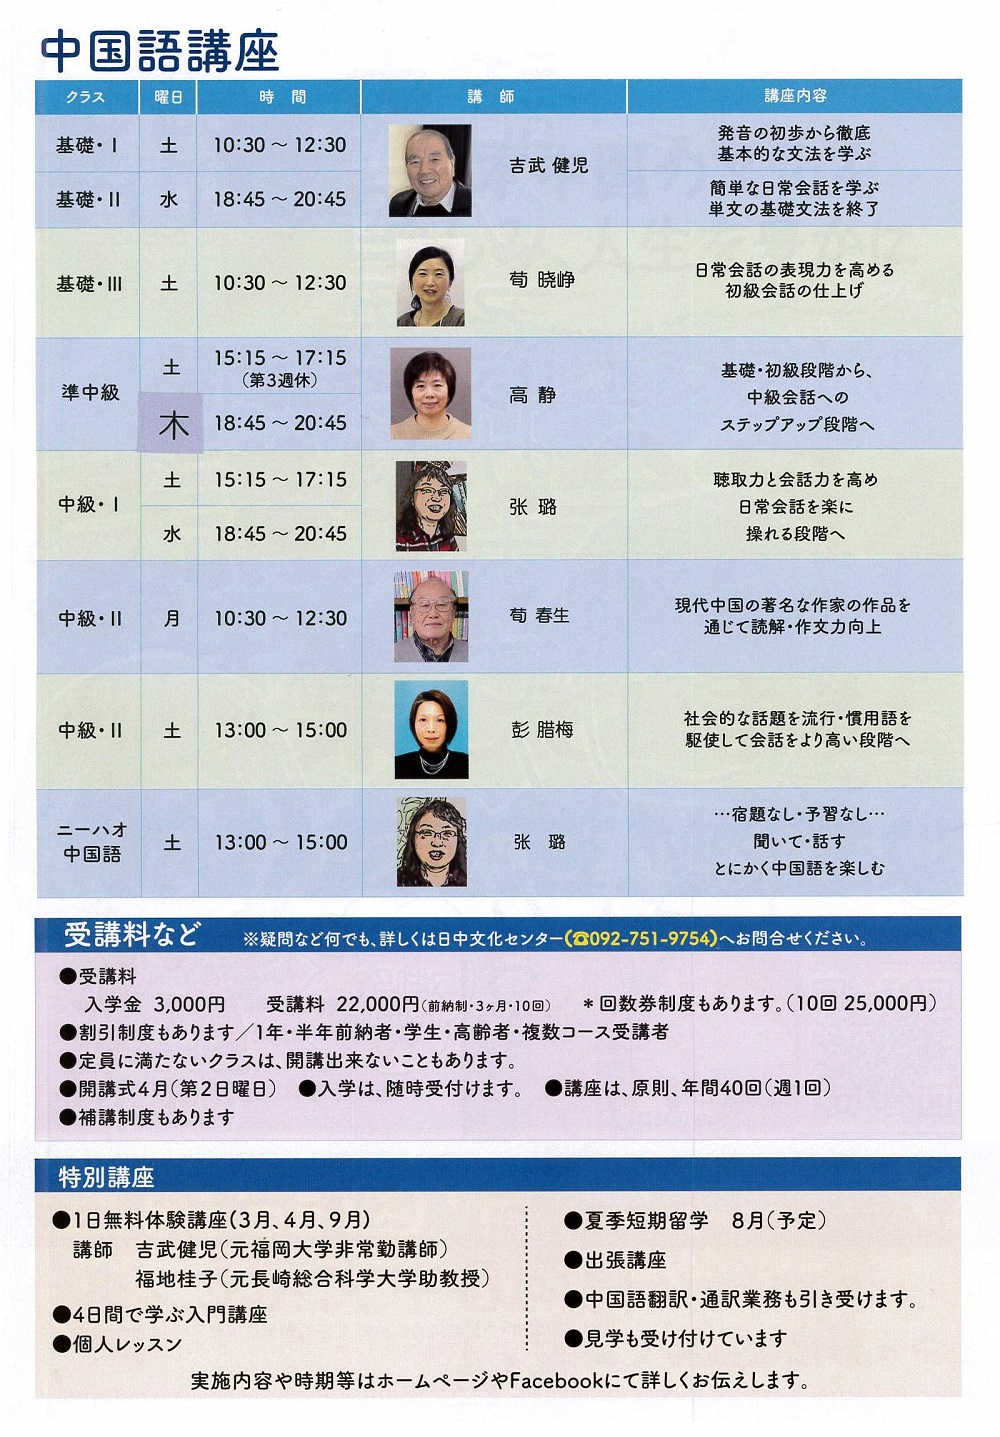 福岡日中文化センター-中国語講座 2018年度